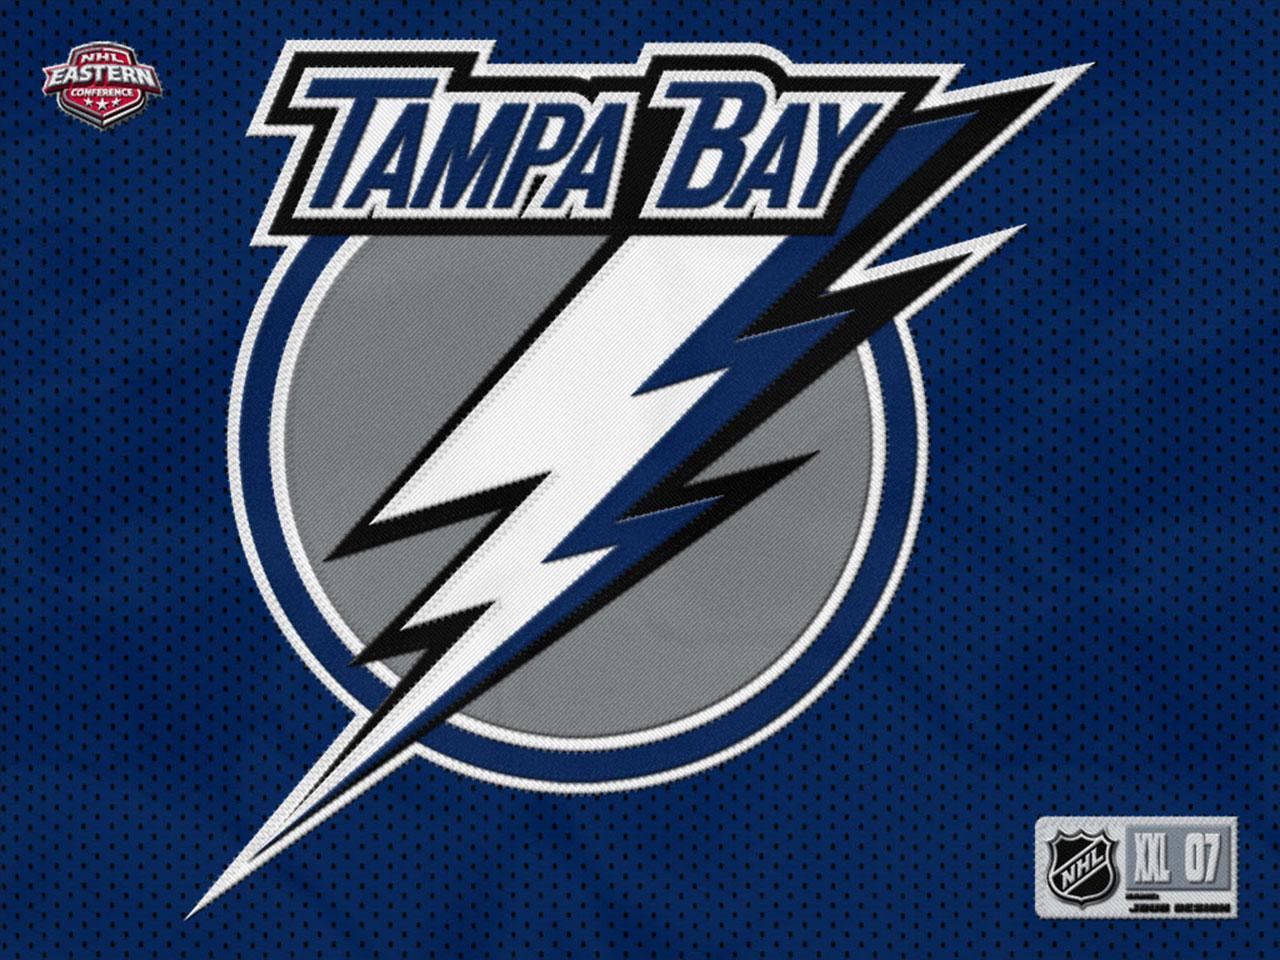 Tampa Bay Lightning Wallpaper Free - WallpaperSafari